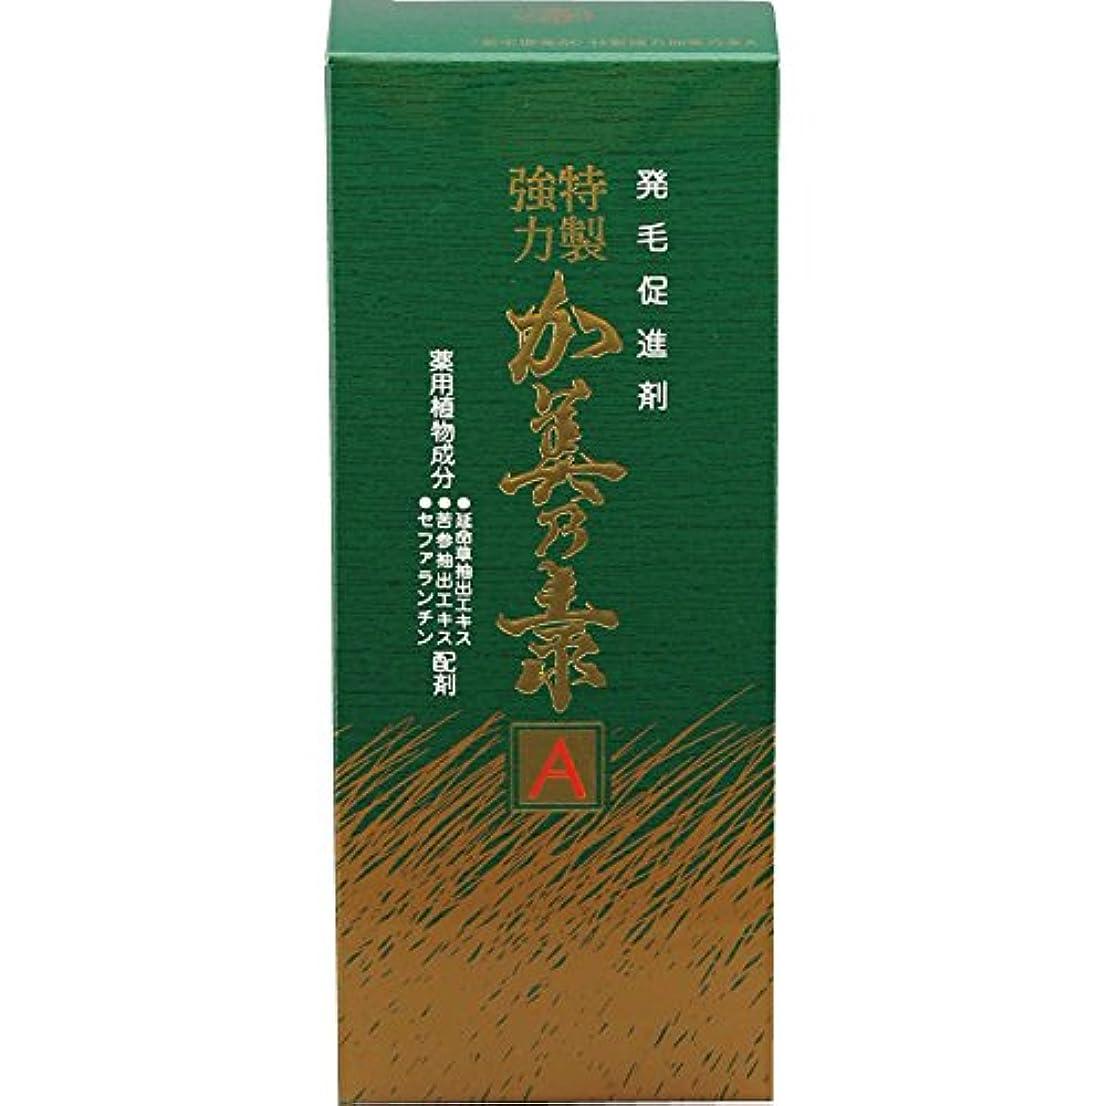 鷲悪化させるバイパス特製強力加美乃素A フレッシュシトラスの香り 180mL 【医薬部外品】